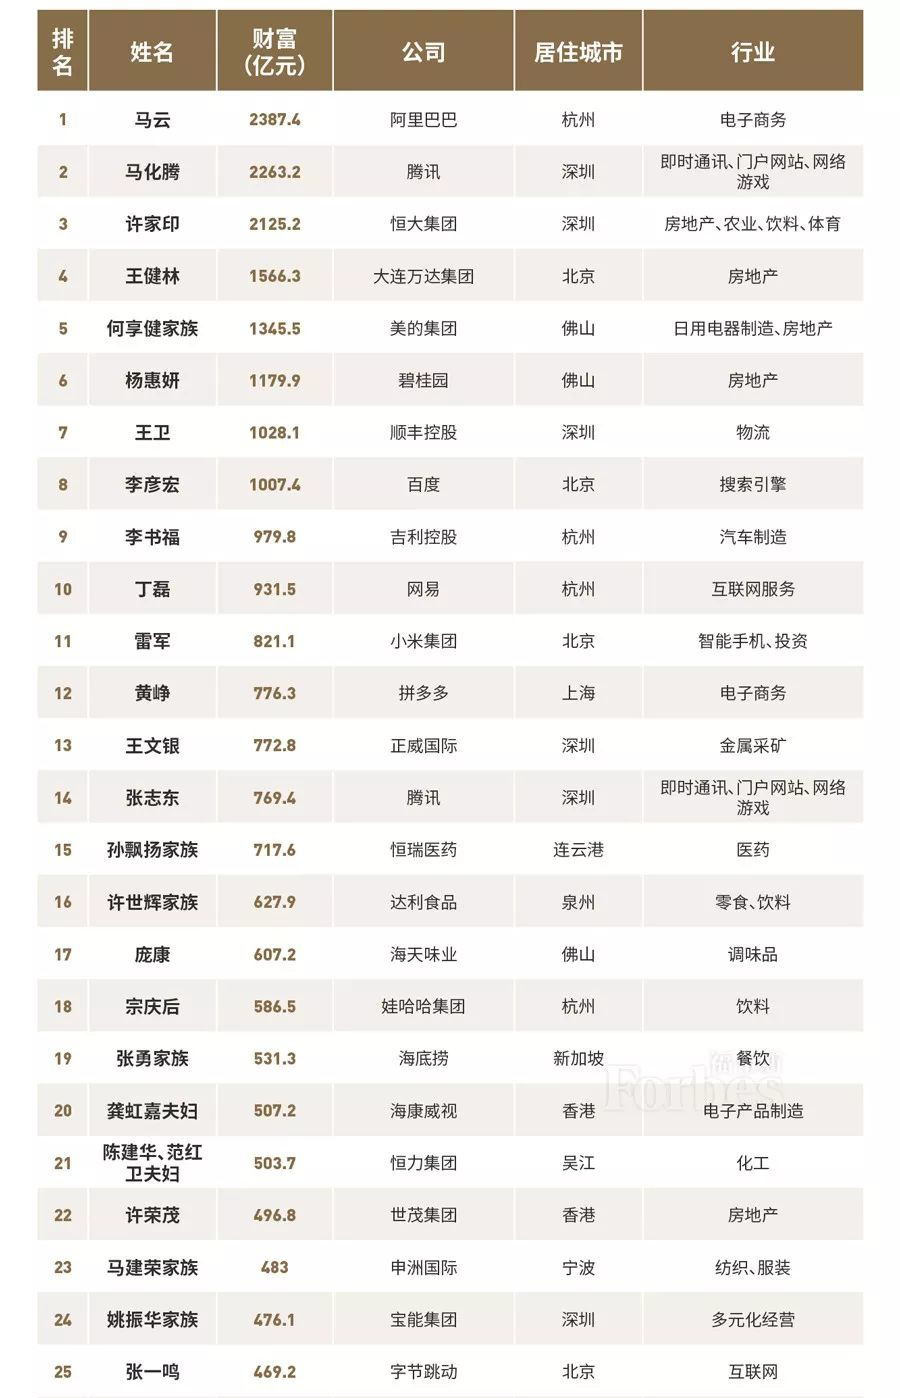 福布斯发布中国400富豪榜 见证富豪的动荡(附富豪榜之最)